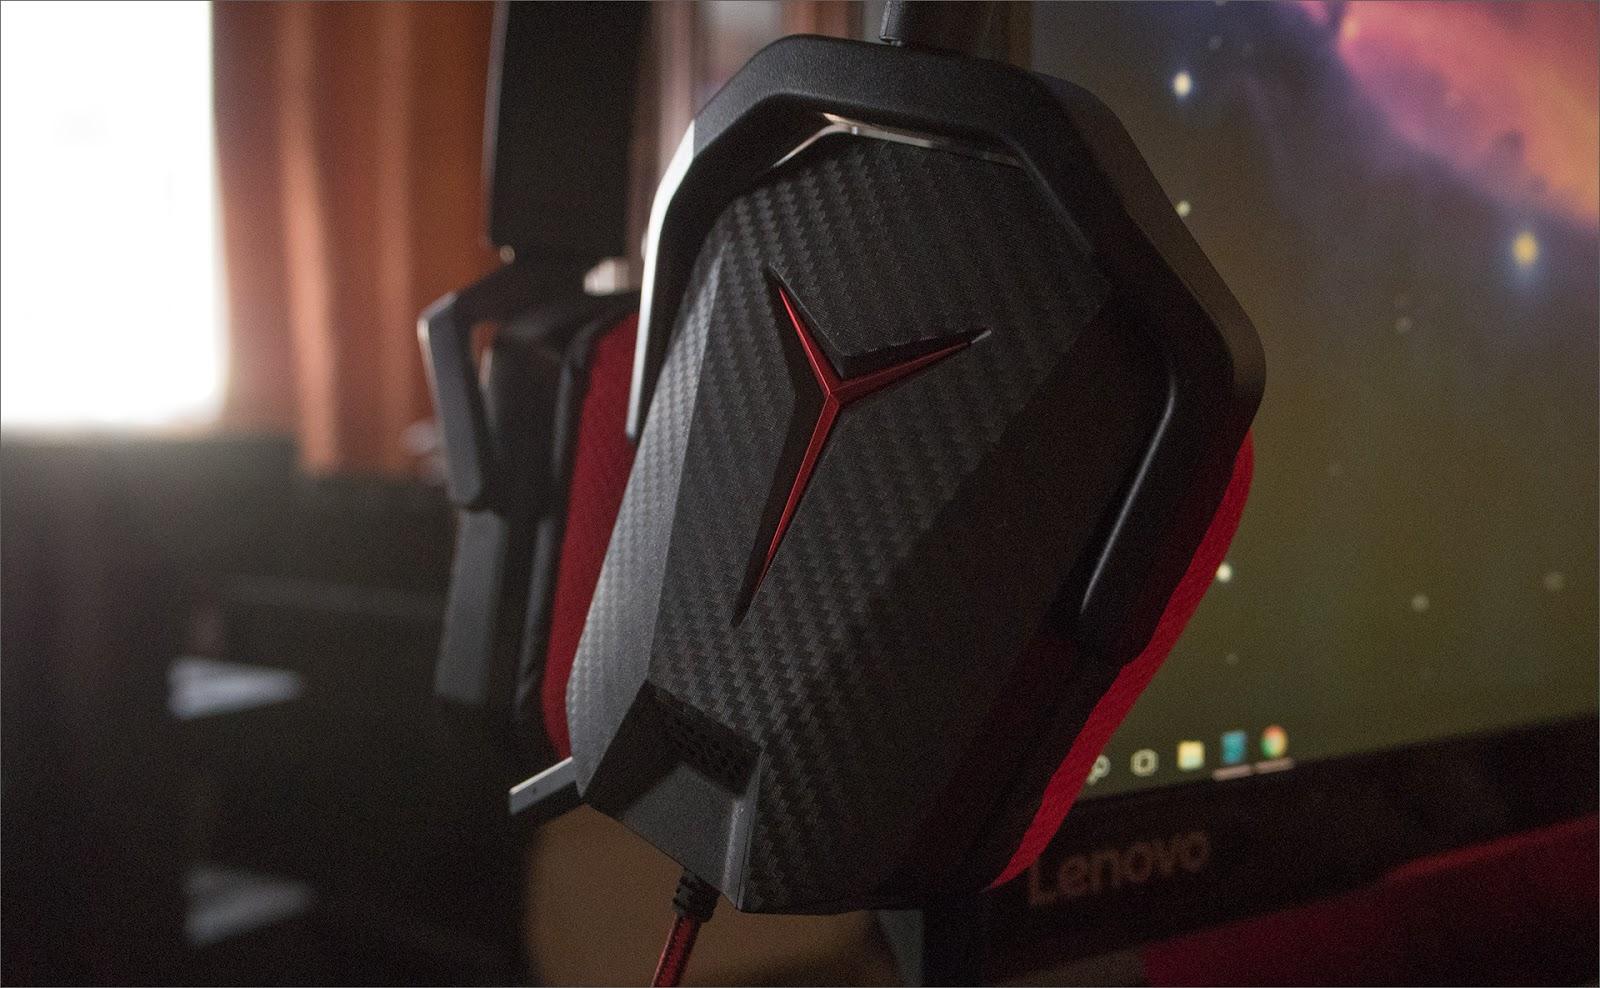 Lenovo Ideacentre AIO Y910: идеальный кокпит для геймера - 27